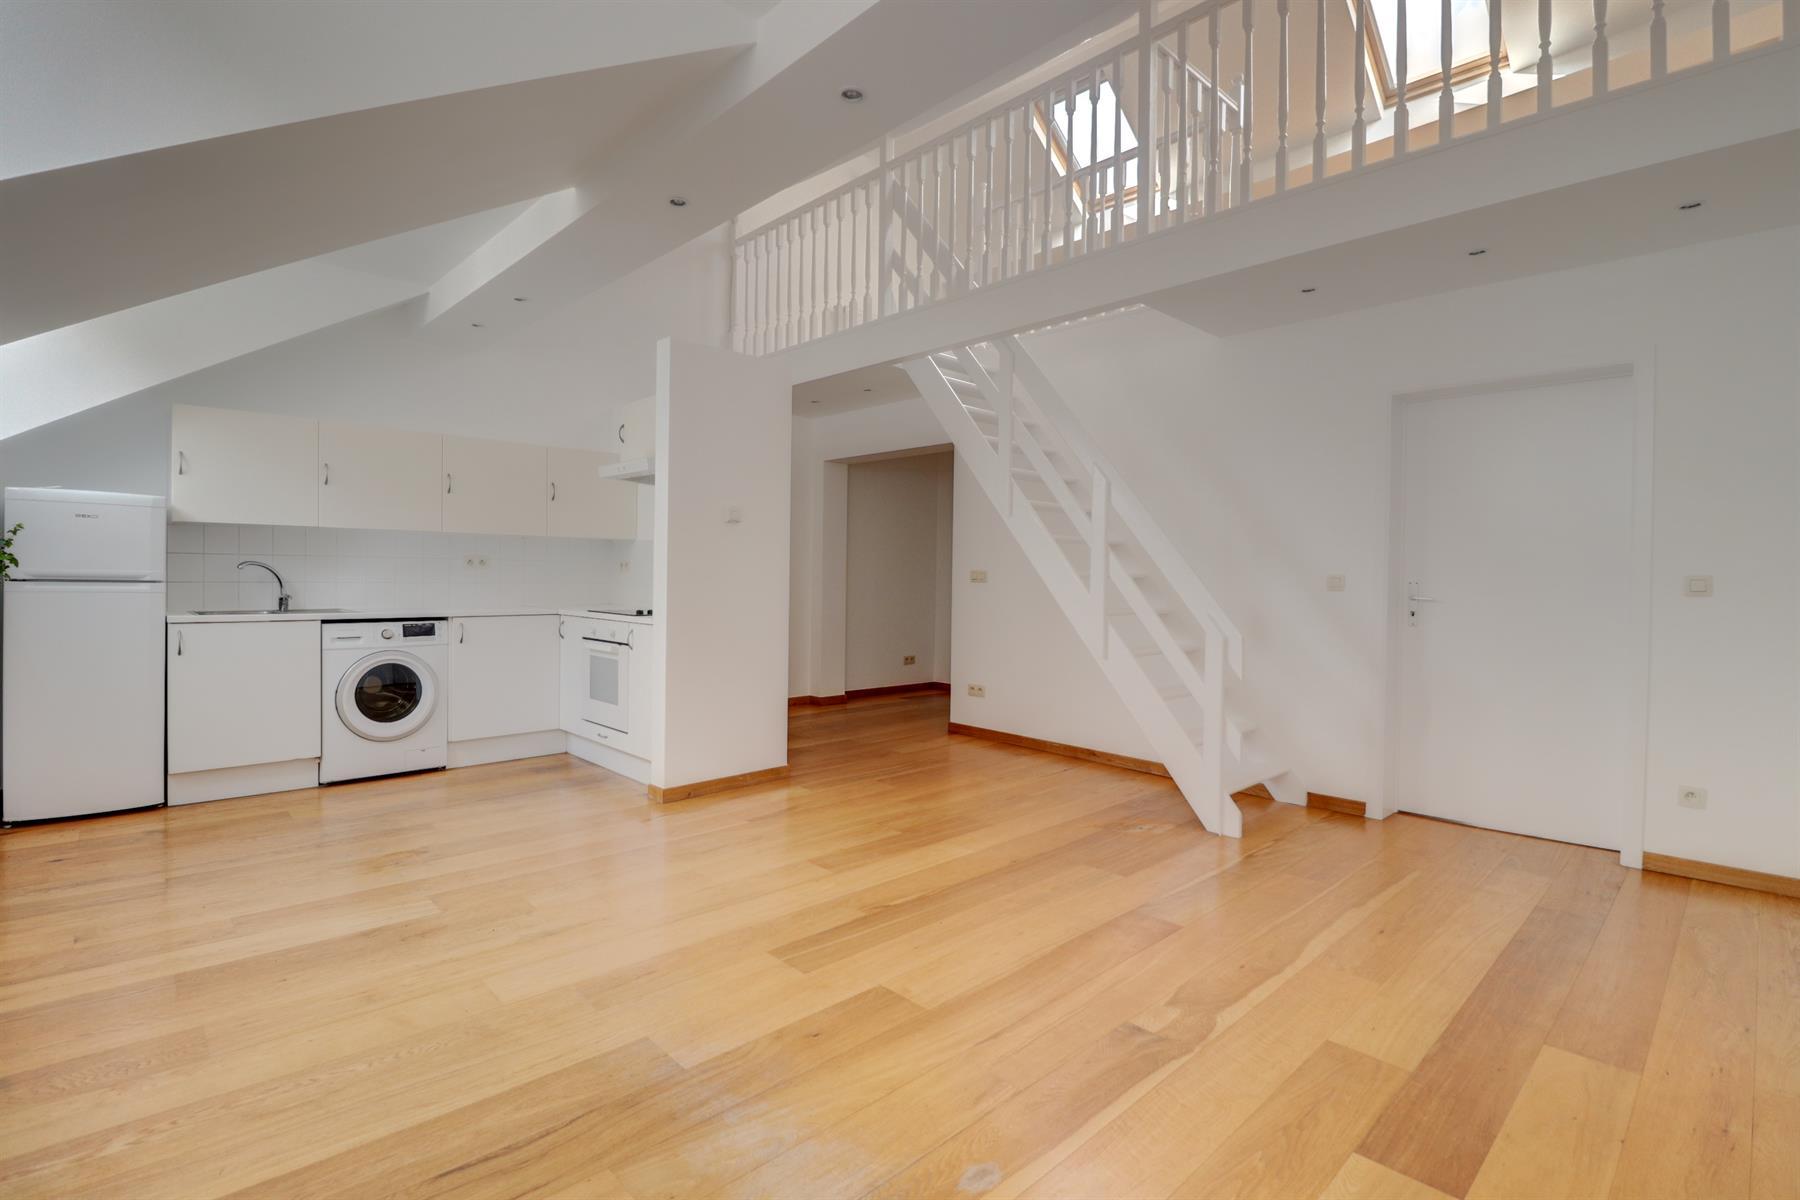 Duplex - Ixelles - #4389259-2